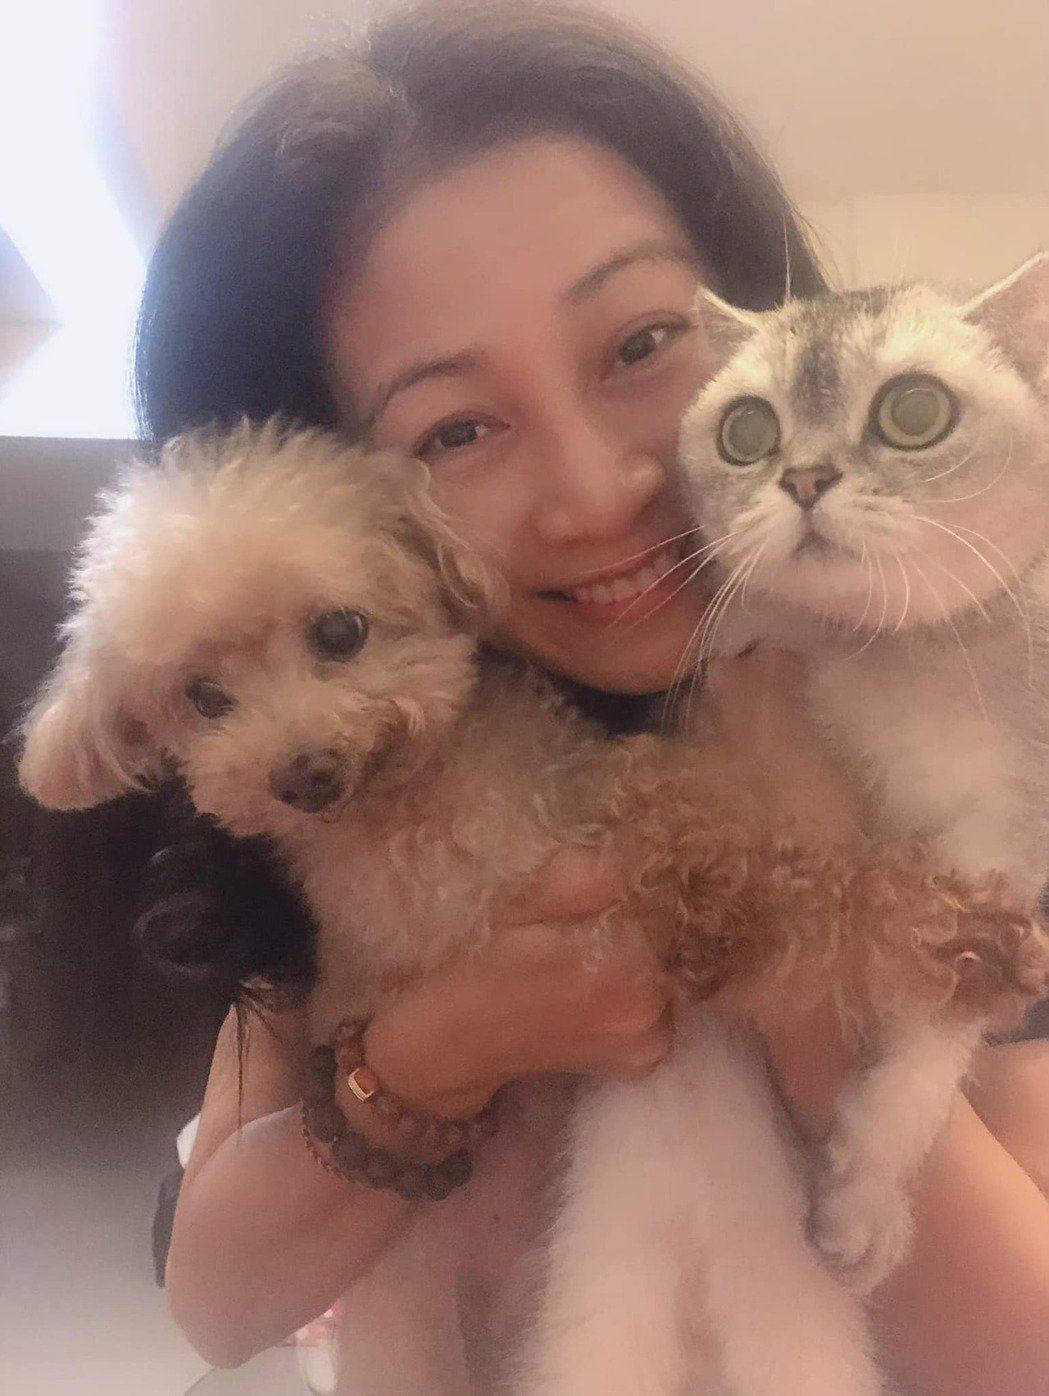 方文琳與兩隻愛貓。 圖/擷自方文琳臉書